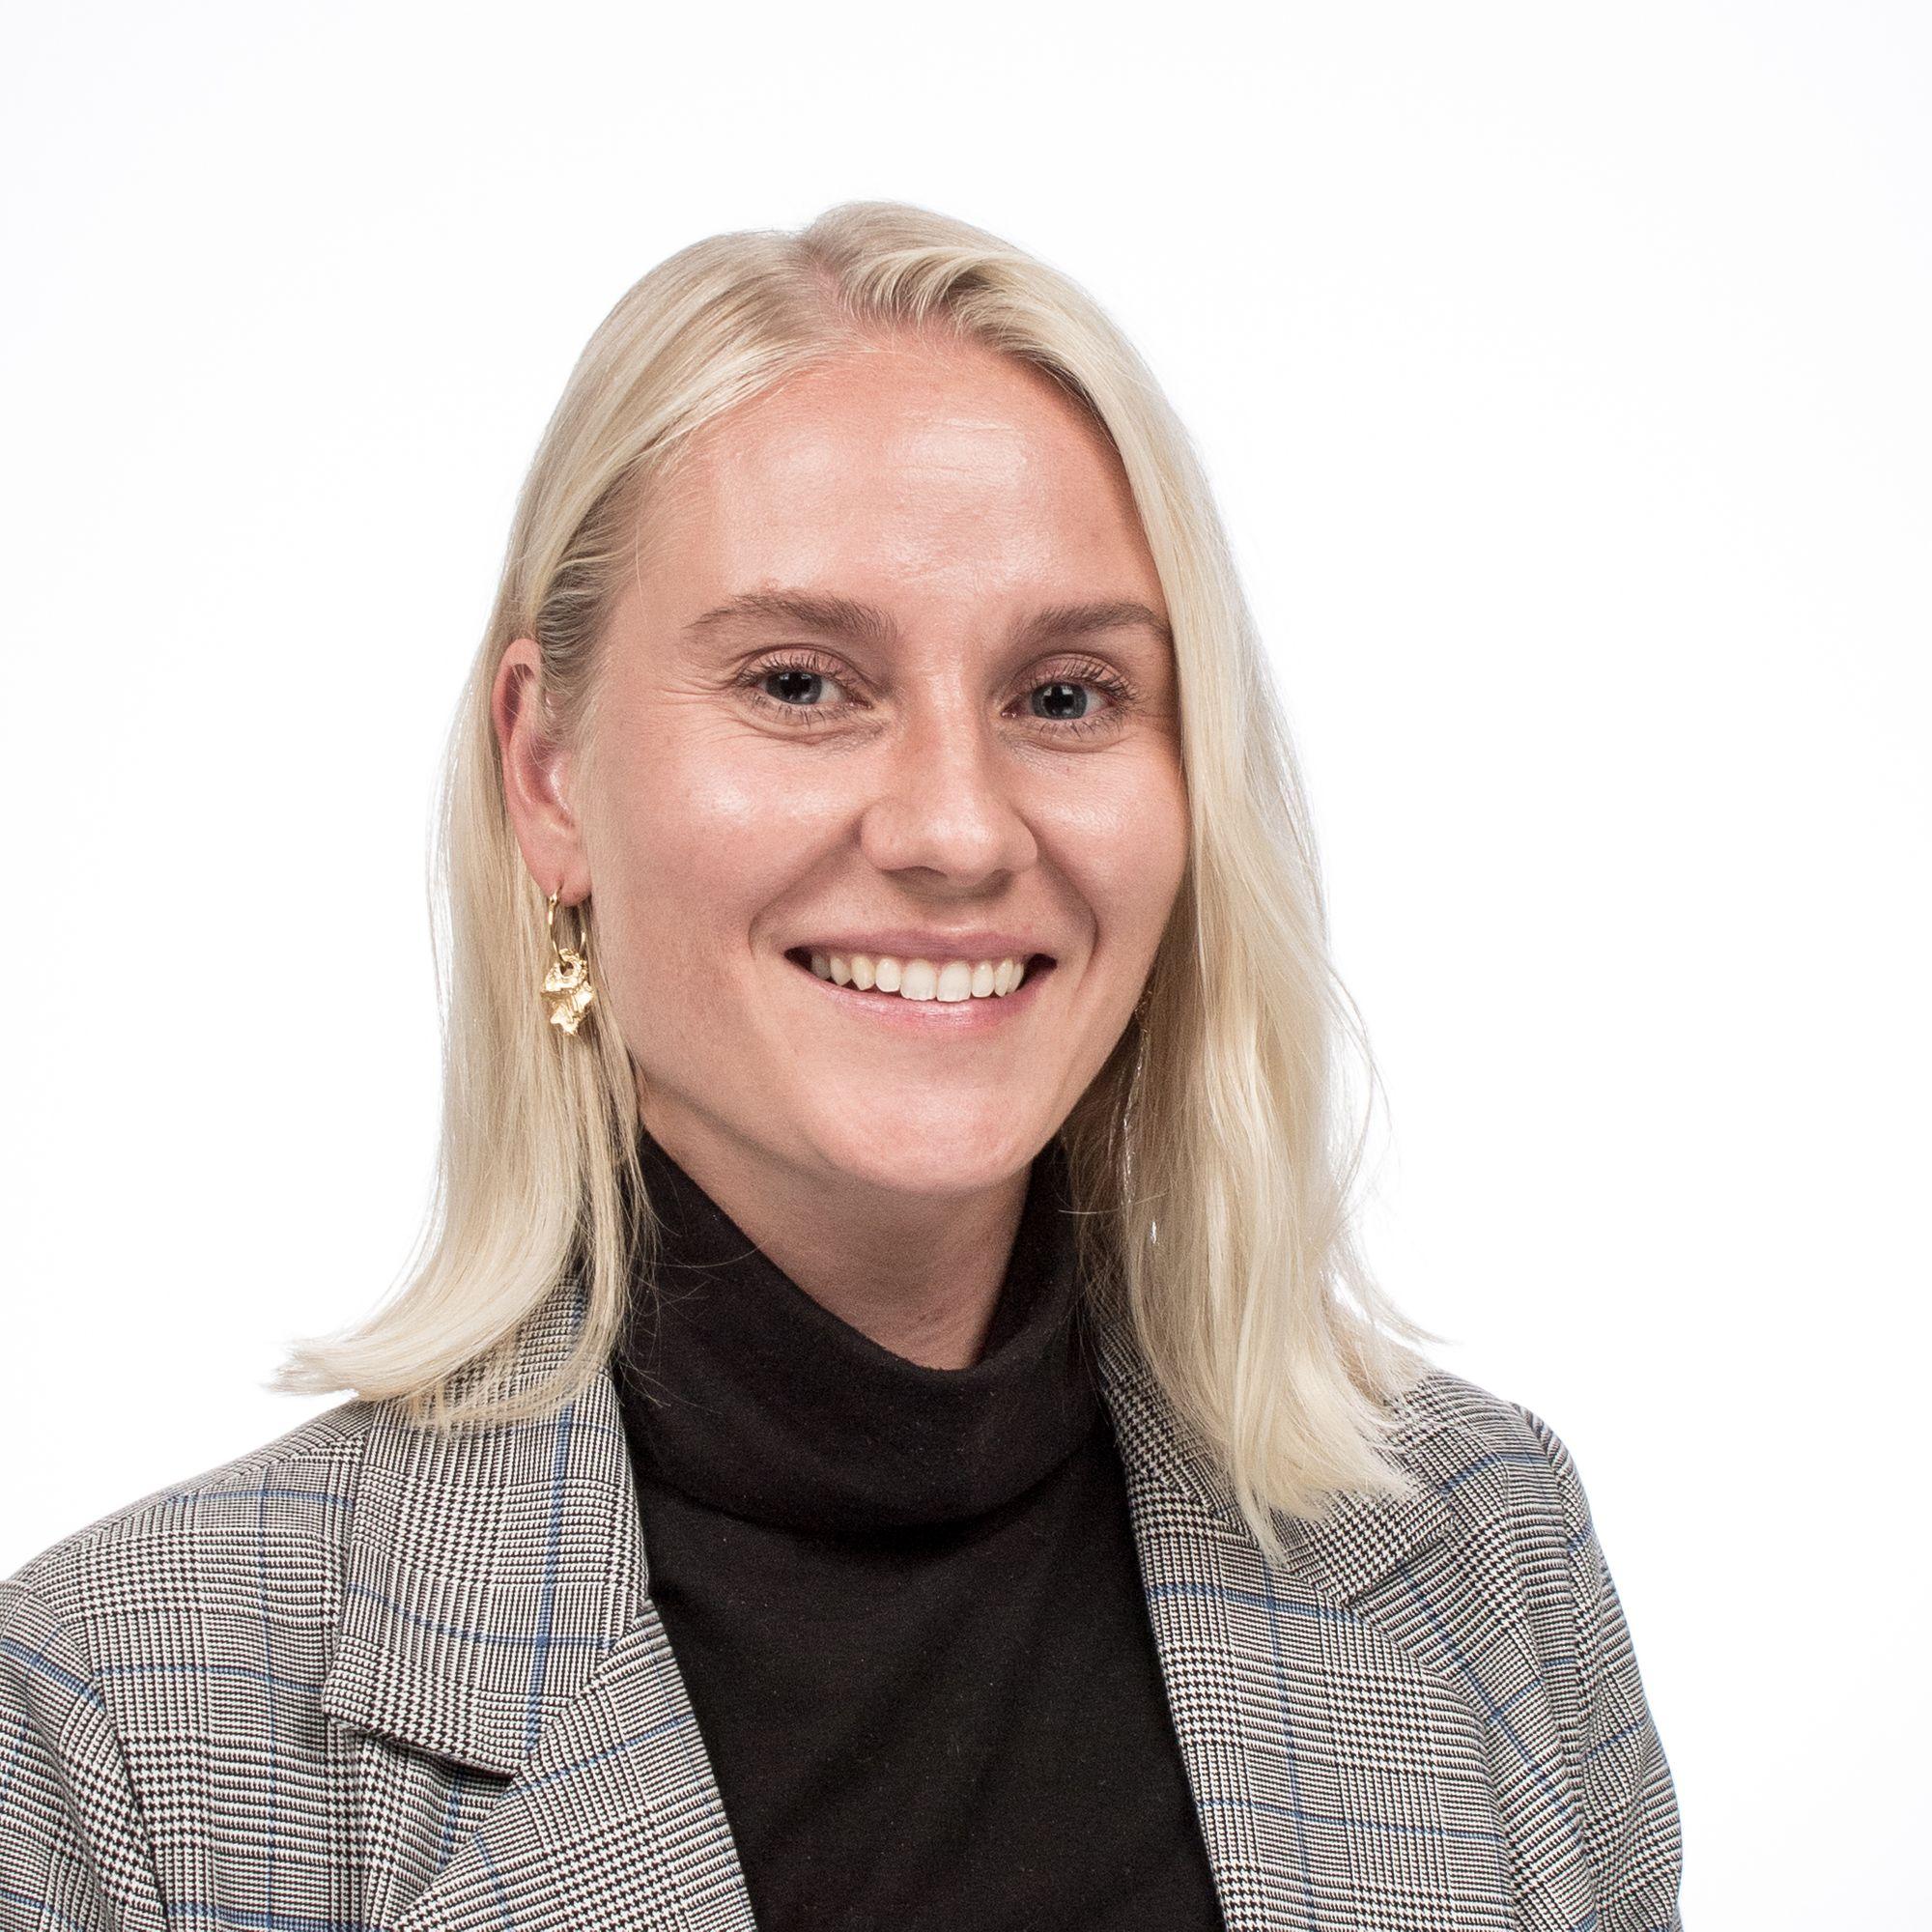 Marthe Alnes Høiberg